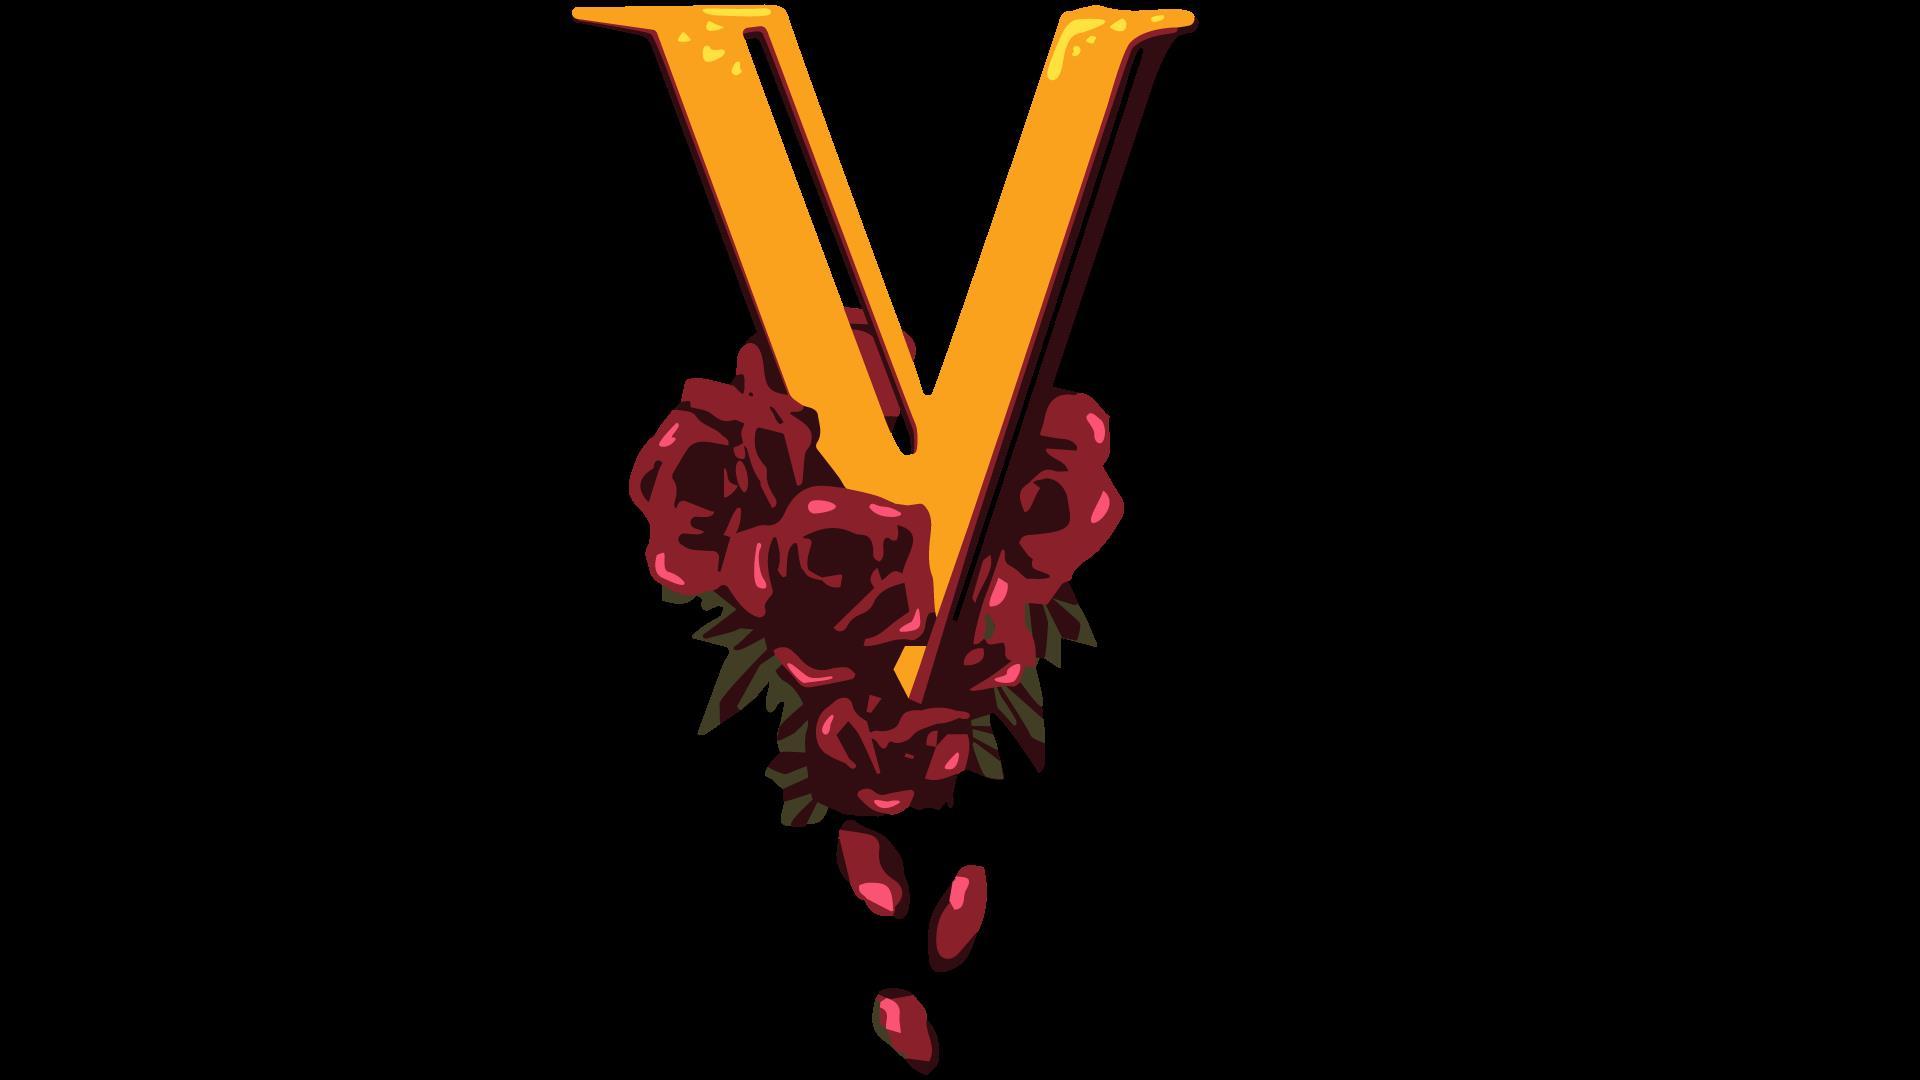 Logos de gangs Cyberpunk 2077 - Valentinos